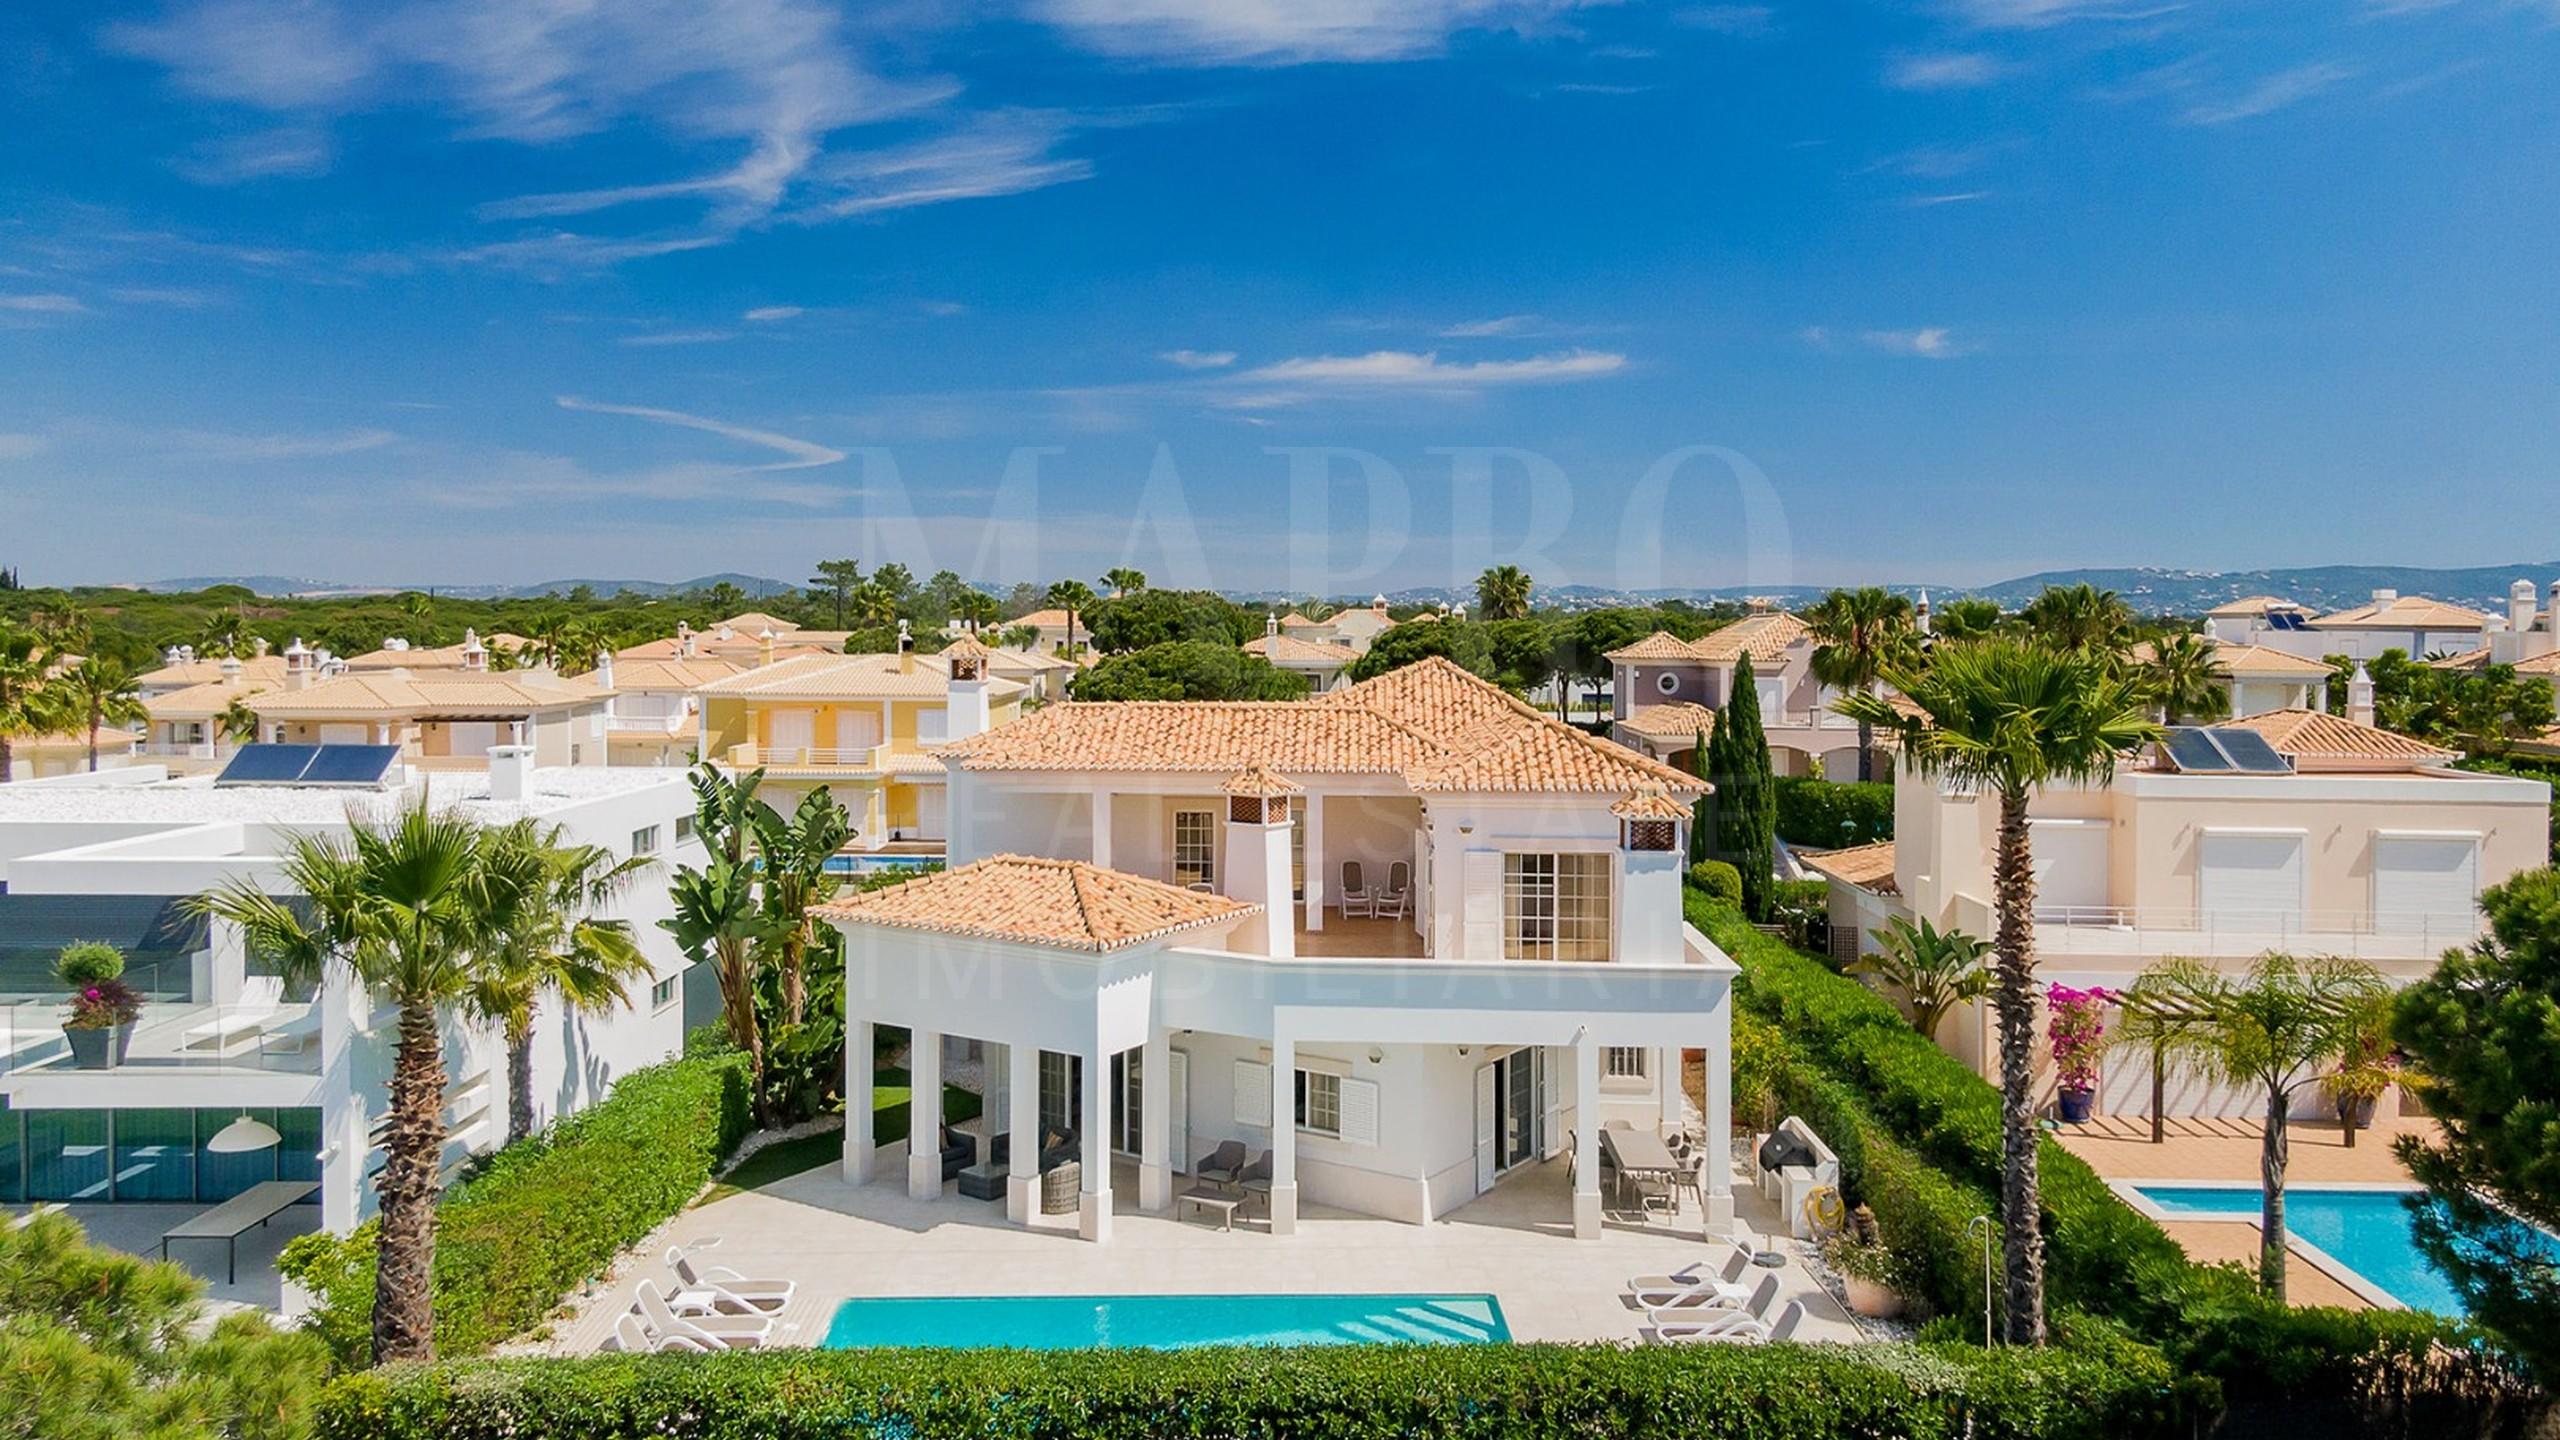 Villa de 4 chambres à vendre près de Vale do Lobo et Quinta do Lago